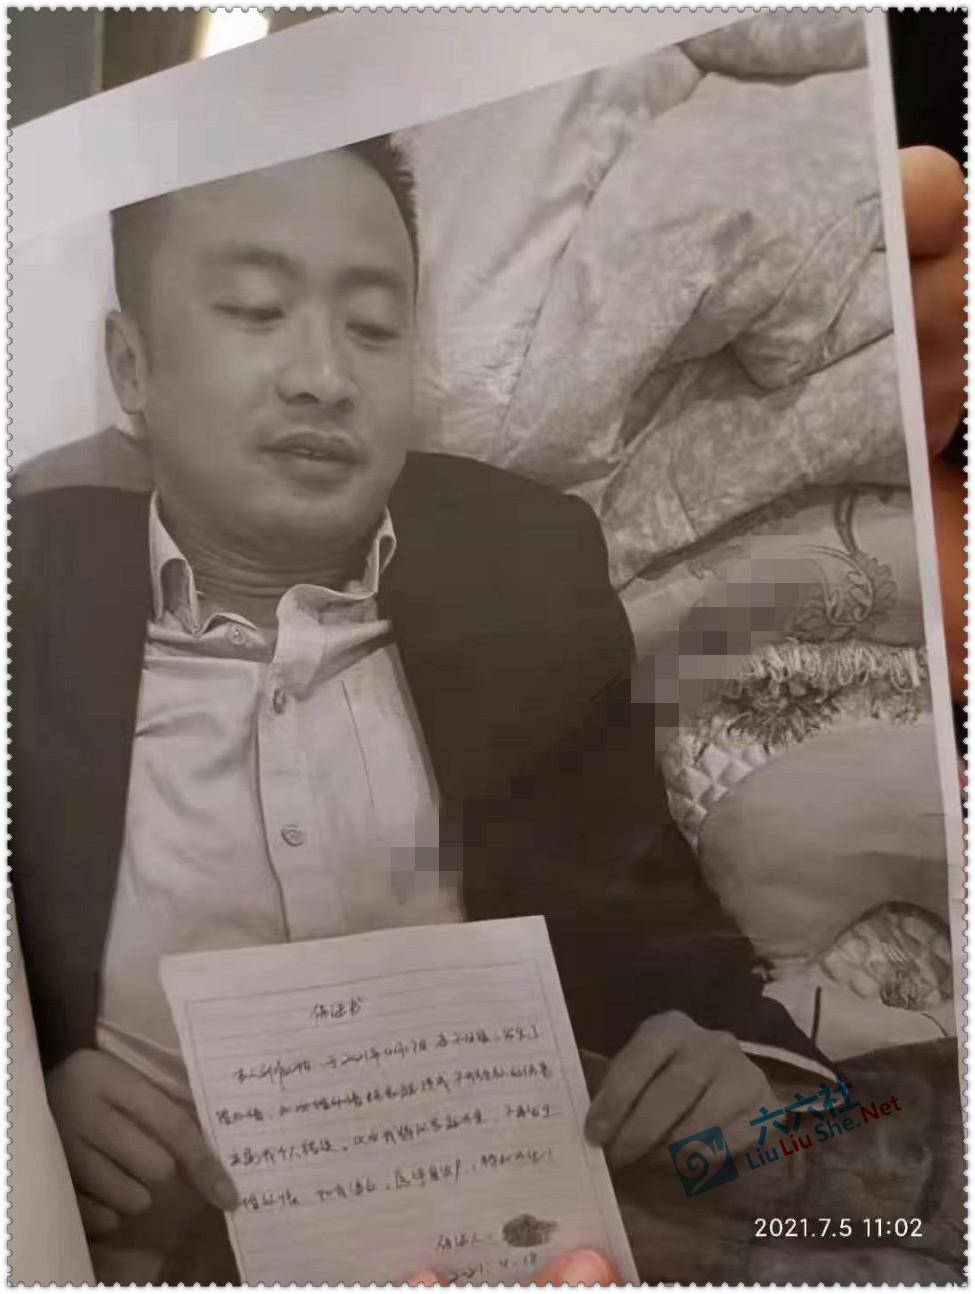 永州农商银行瓜 是怎么回事?附:刘某湘与柜员蒋某的暧昧聊天记录 吃瓜基地 第8张